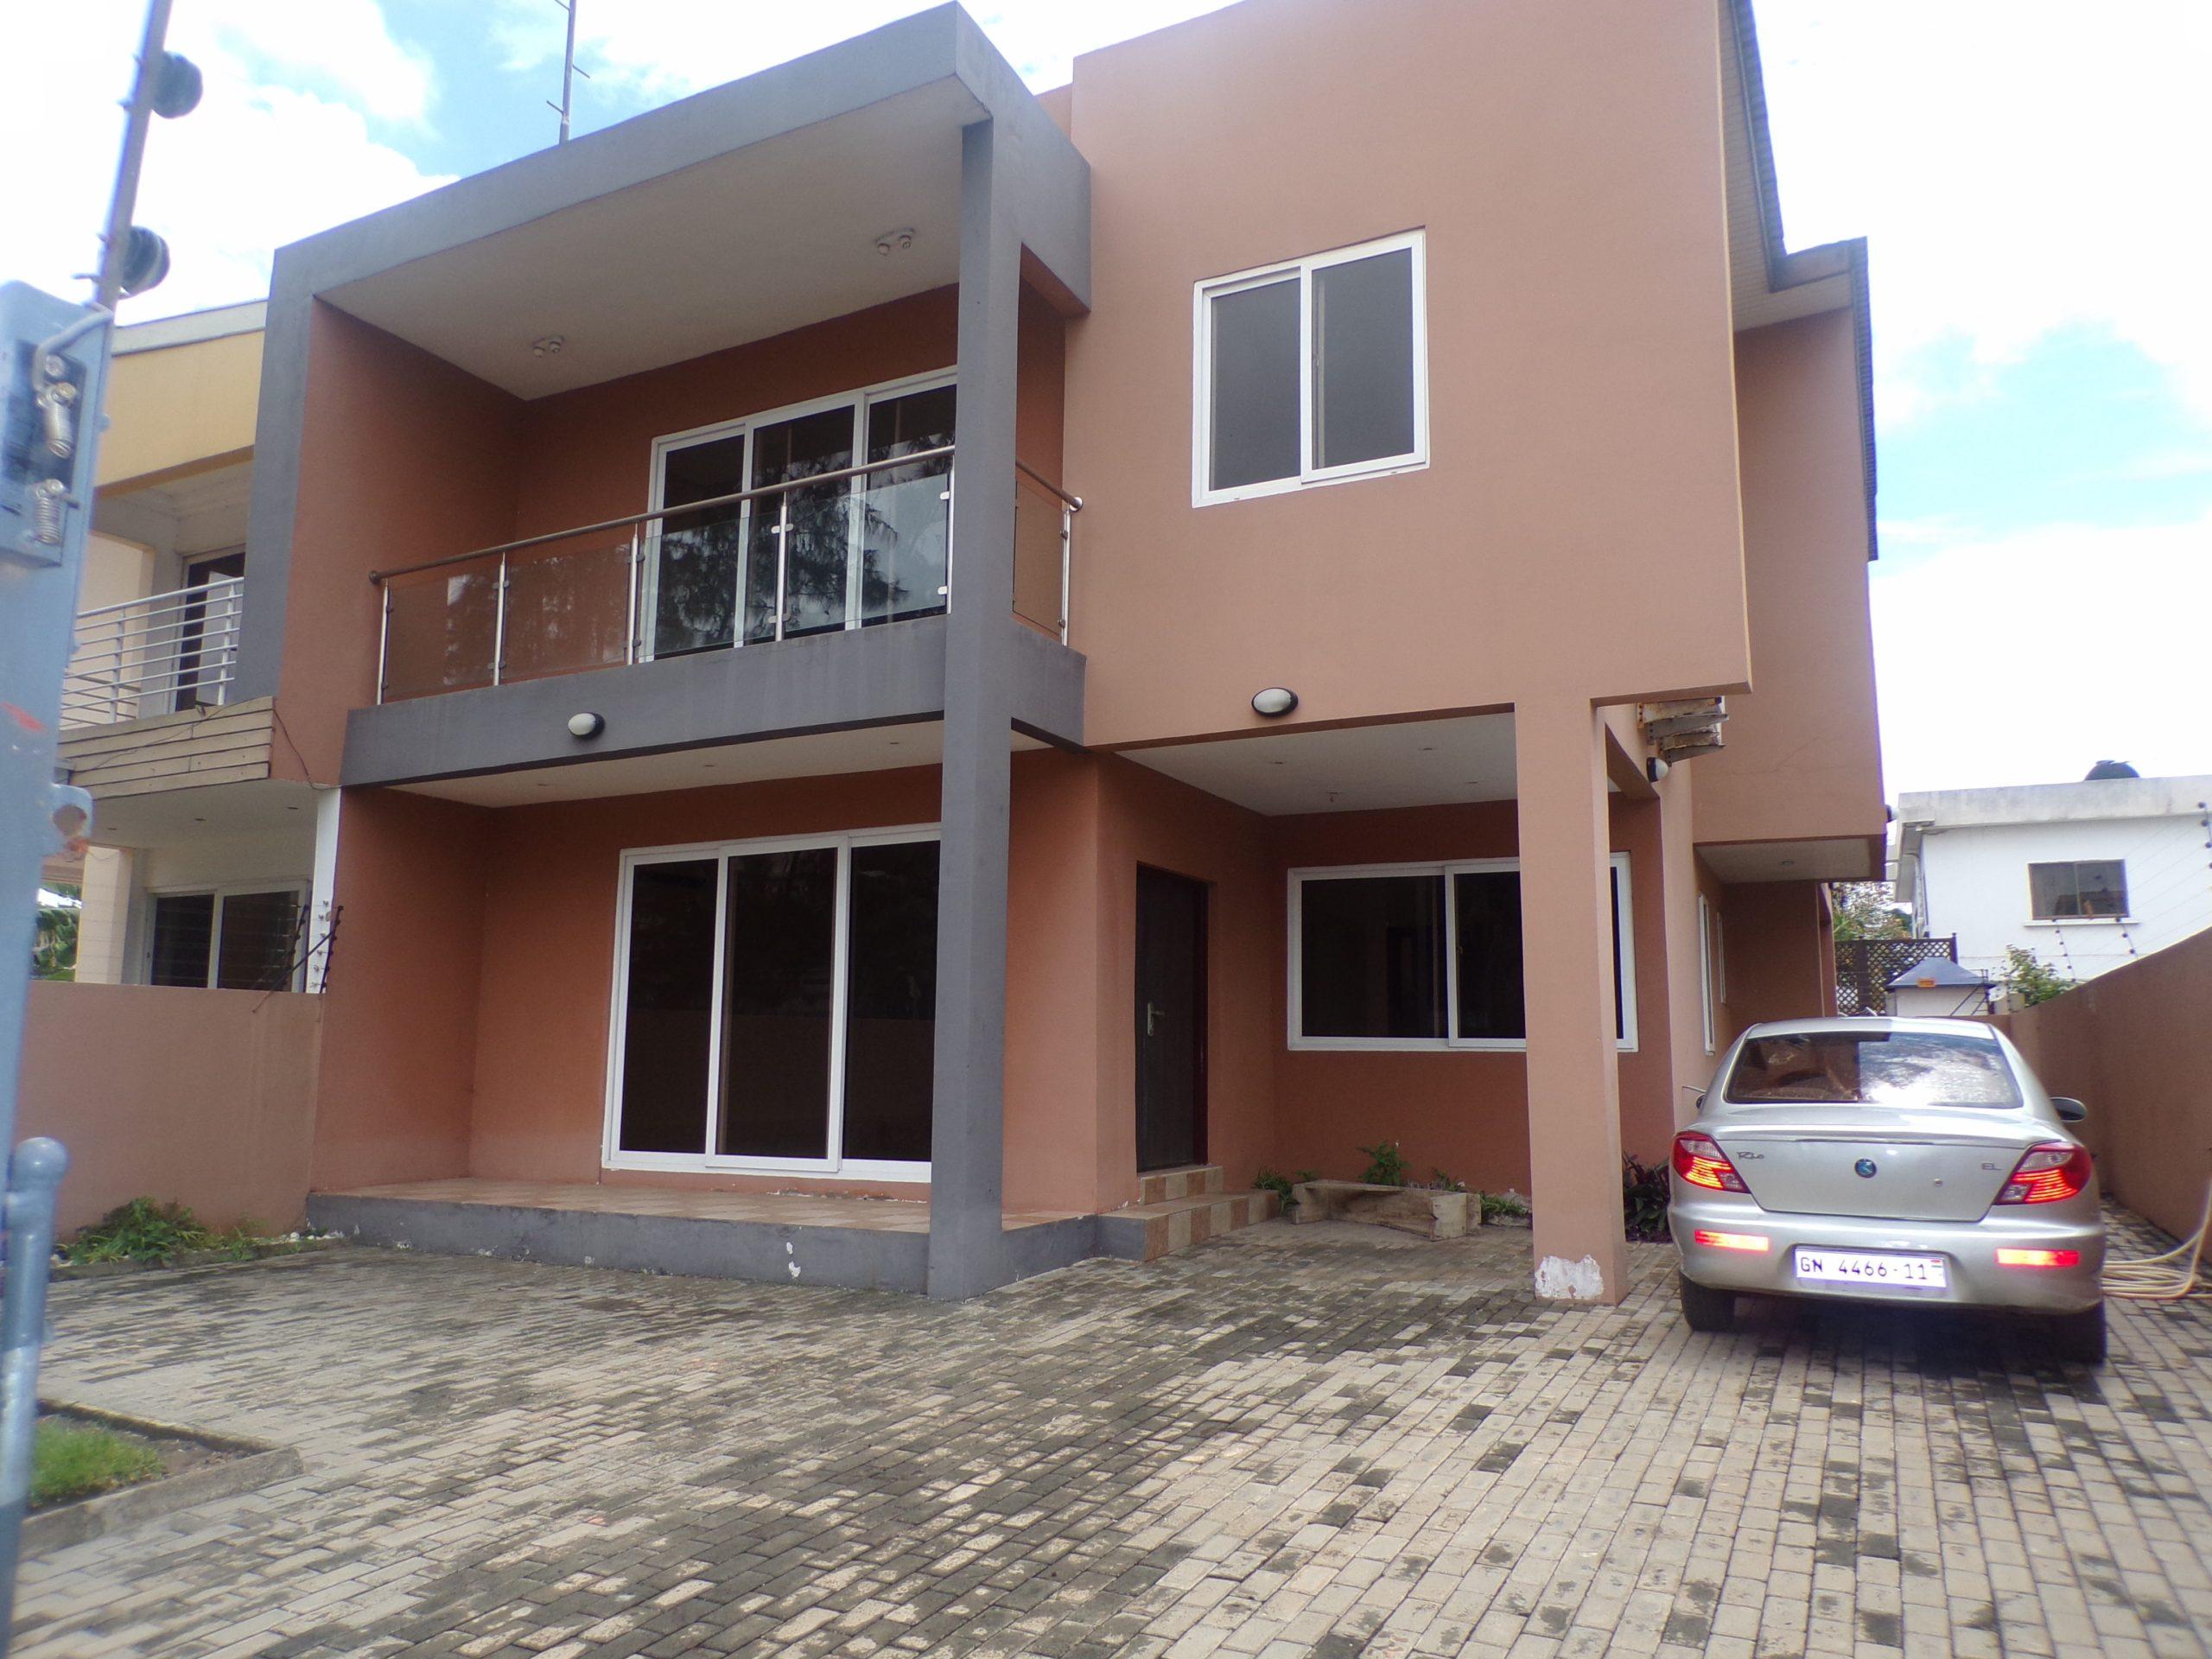 4 BEDROOM UNFURNISHED HOUSE FOR RENT AT LABONE